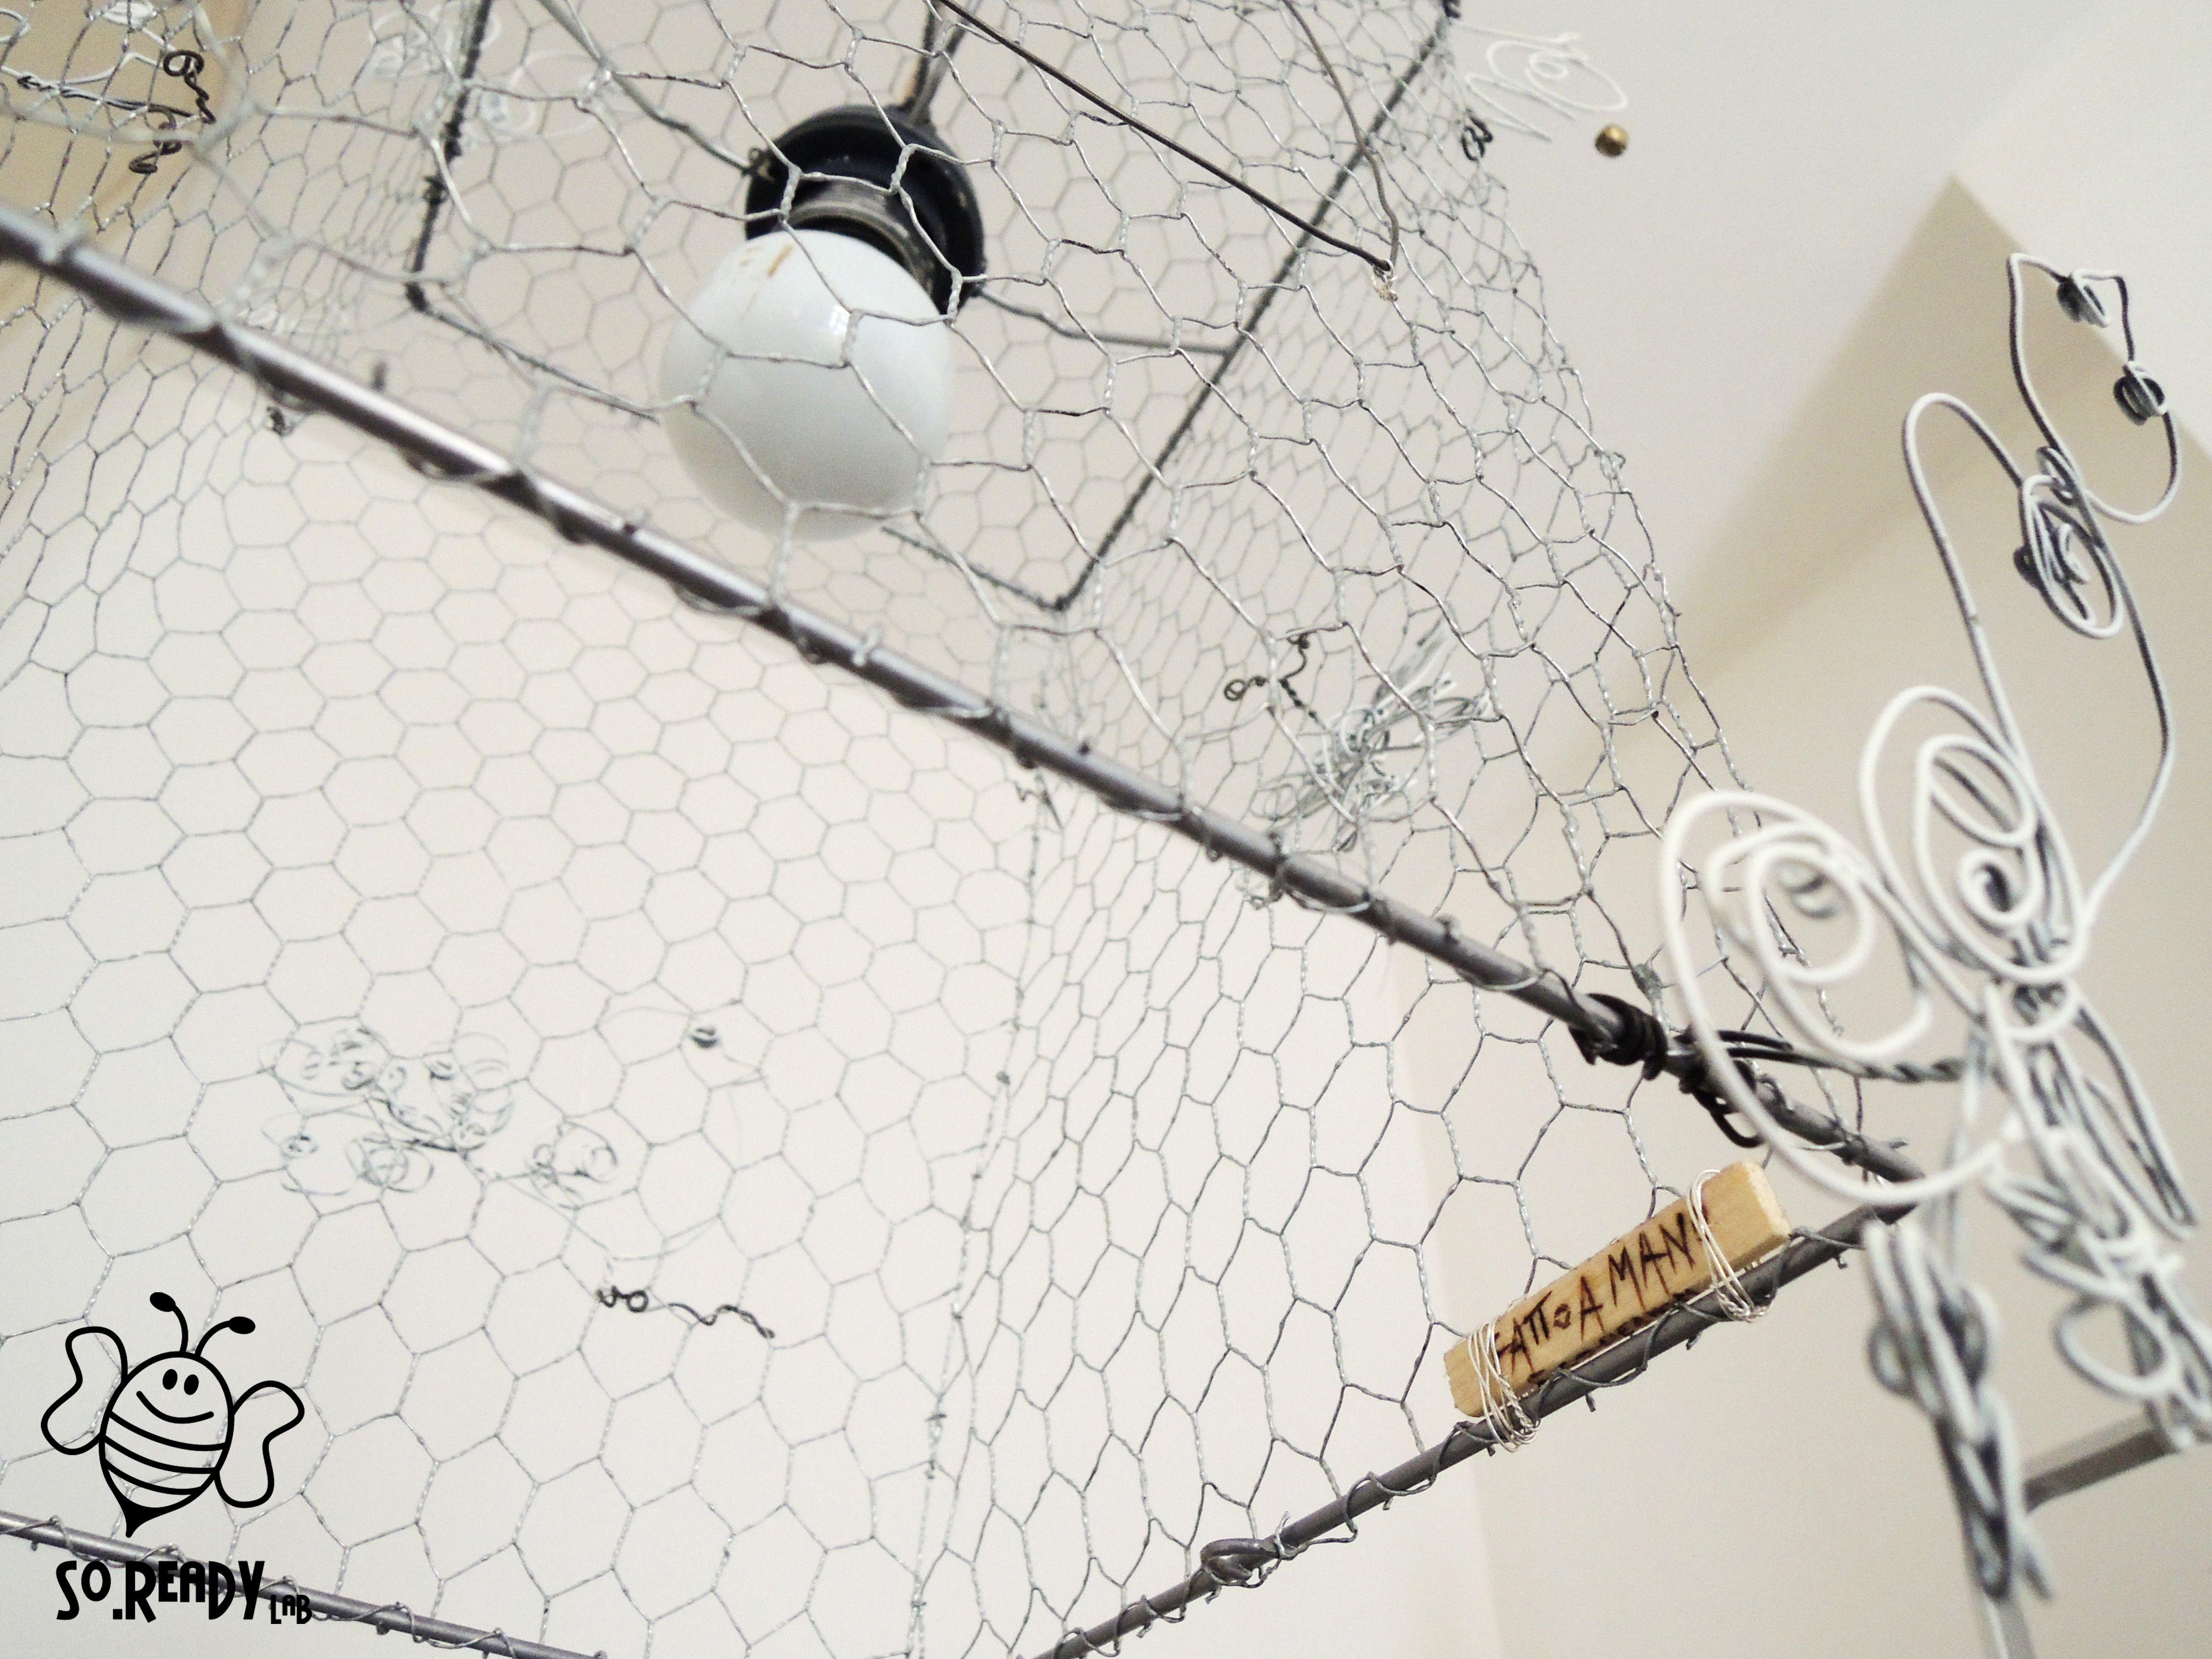 Un lampadario da soffitto, che evoca libertà e romanticismo. Realizzato con una rete metallica, modellata come una gabbia, su cui cinguettano cinque armoniosi uccellini, in fil di ferro, fatti a mano insieme alle volute che decorano gli angoli. Tre piccoli campanellini arricchiscono le volute e la porticina decorativa. #ecodesign #riciclo - soreadylab.etsy.com